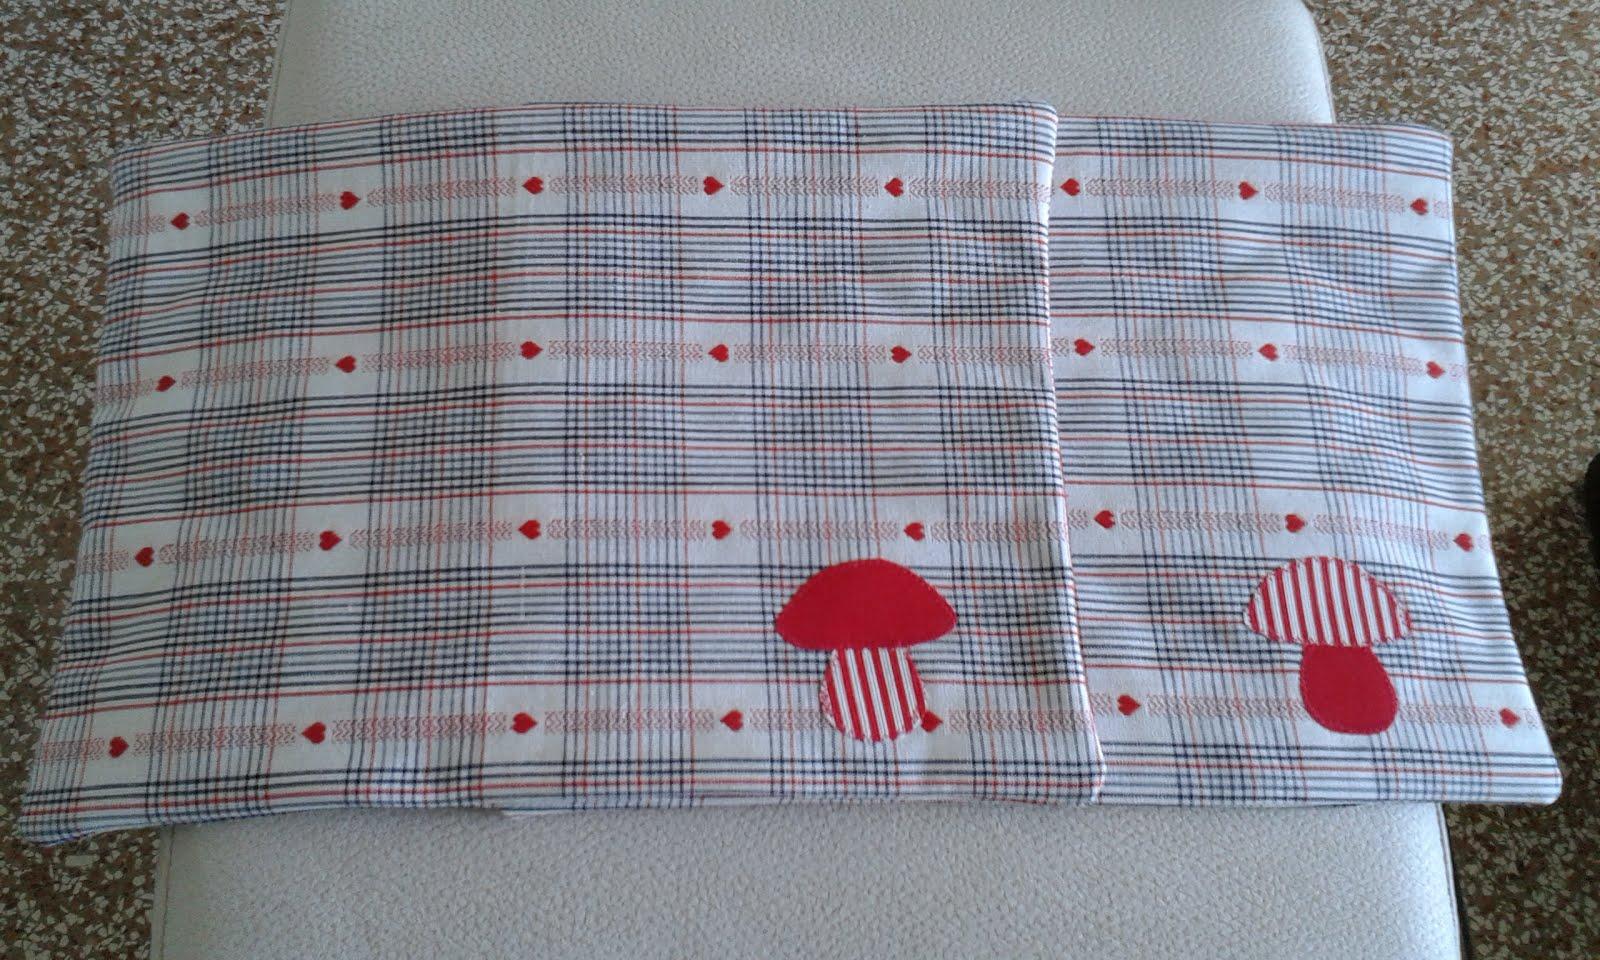 Tessuti e prodotti tessili ricamati con applique specchi dal